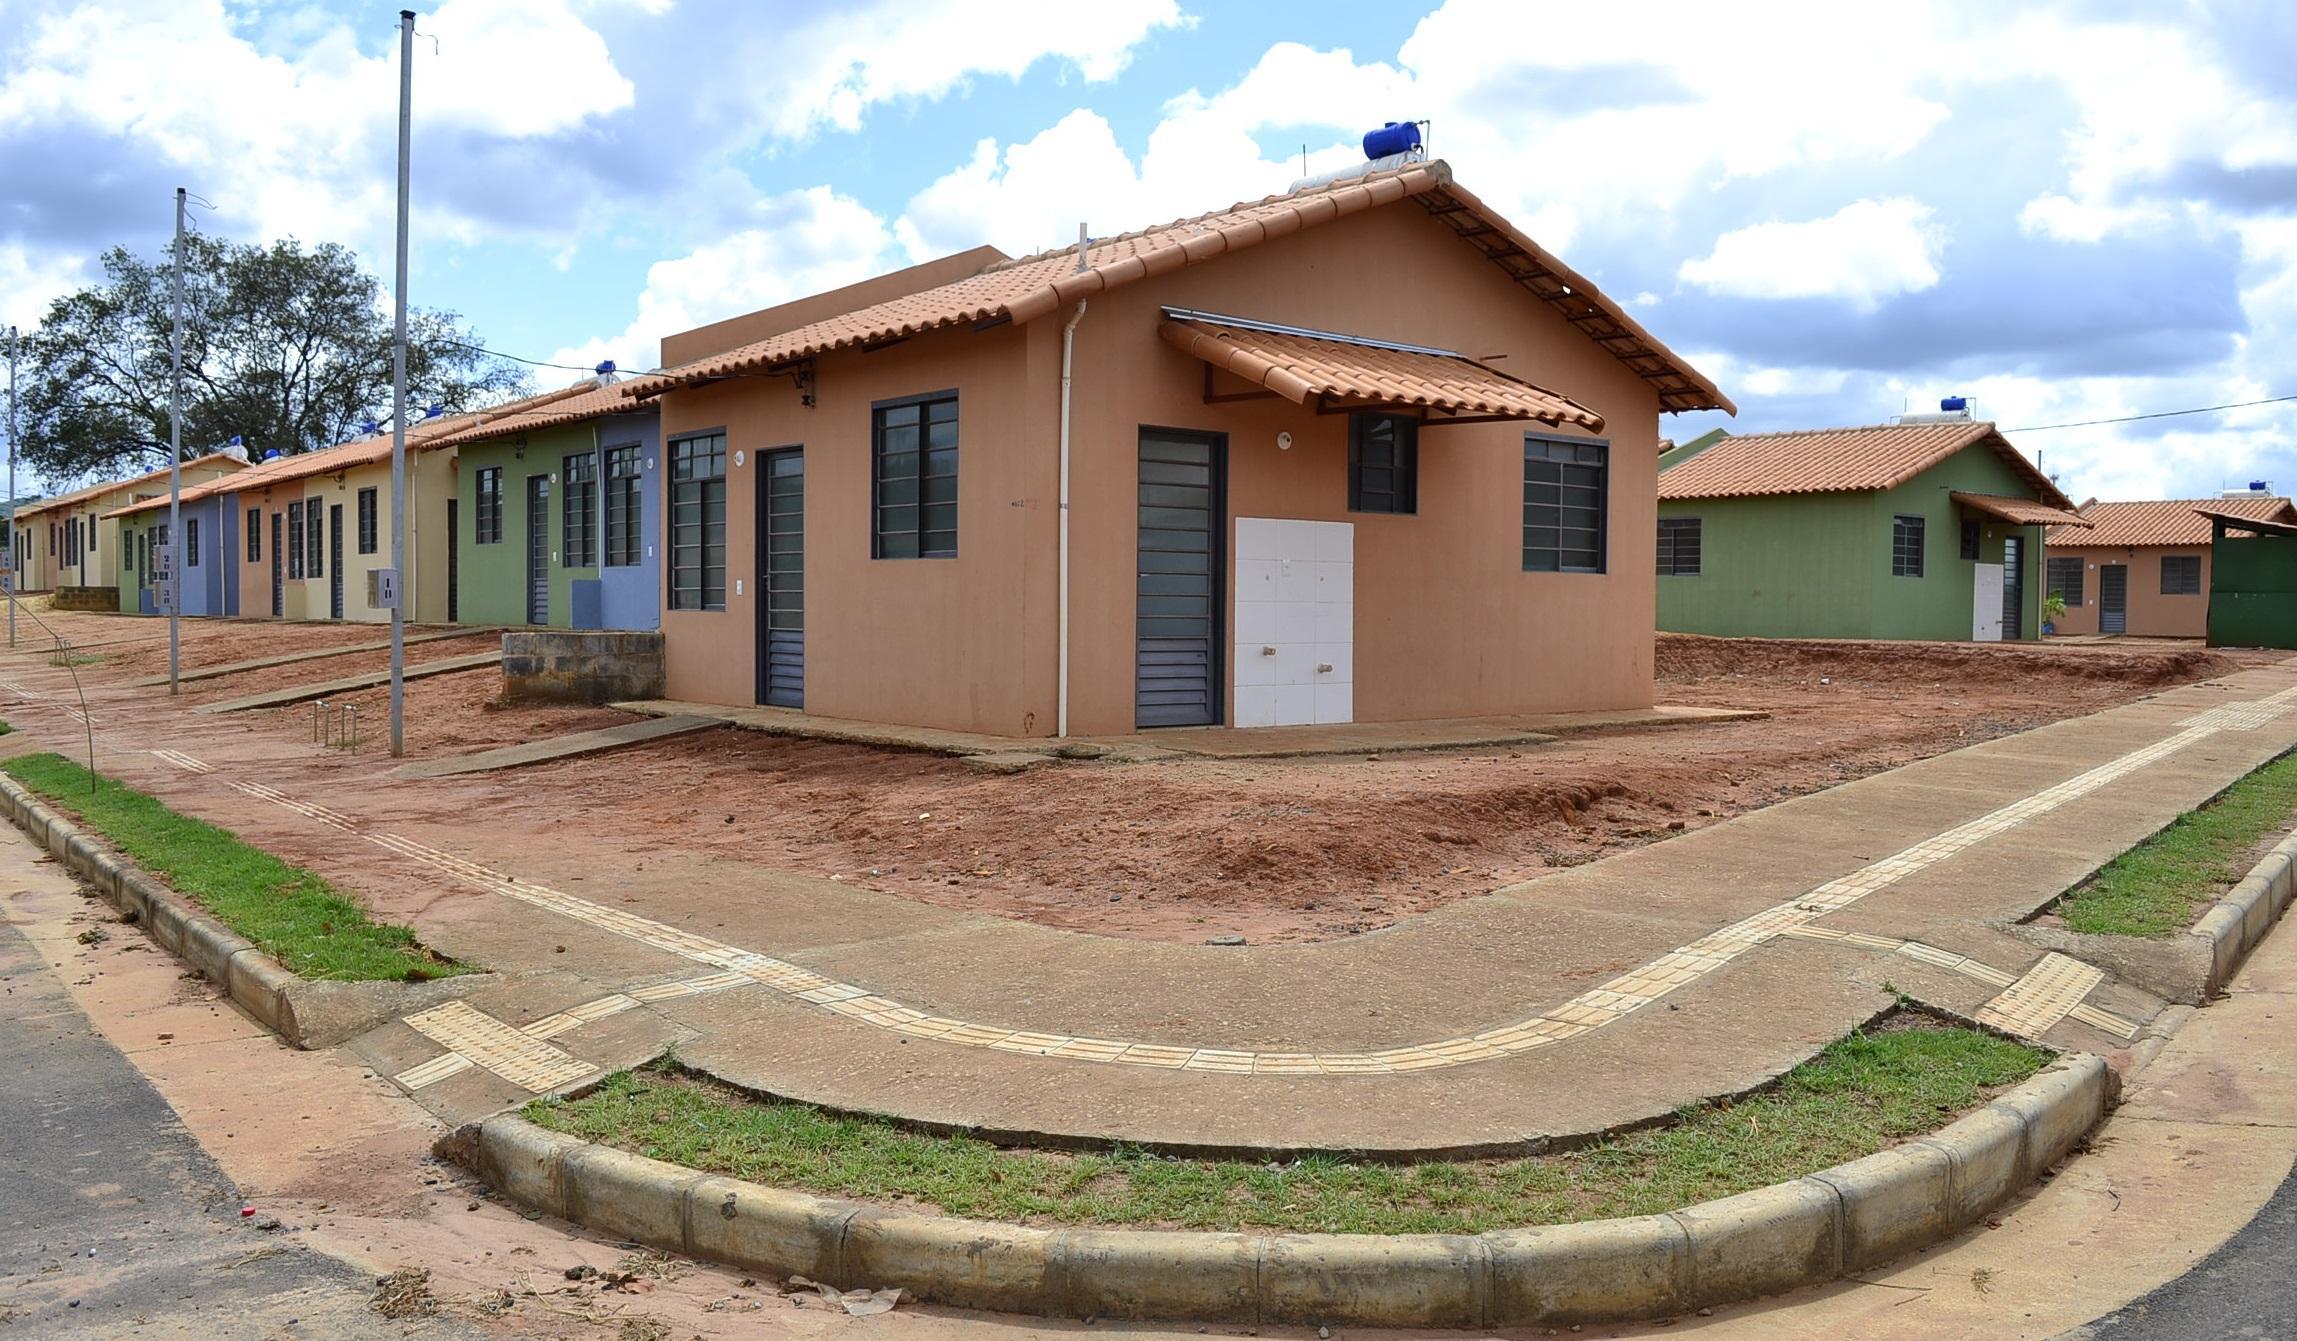 Imagem de destaque Monte Sião IV - Prefeitura convoca pessoas já selecionadas pelo Minha Casa Minha Vida para sorteio que irá definir o endereço de cada morador